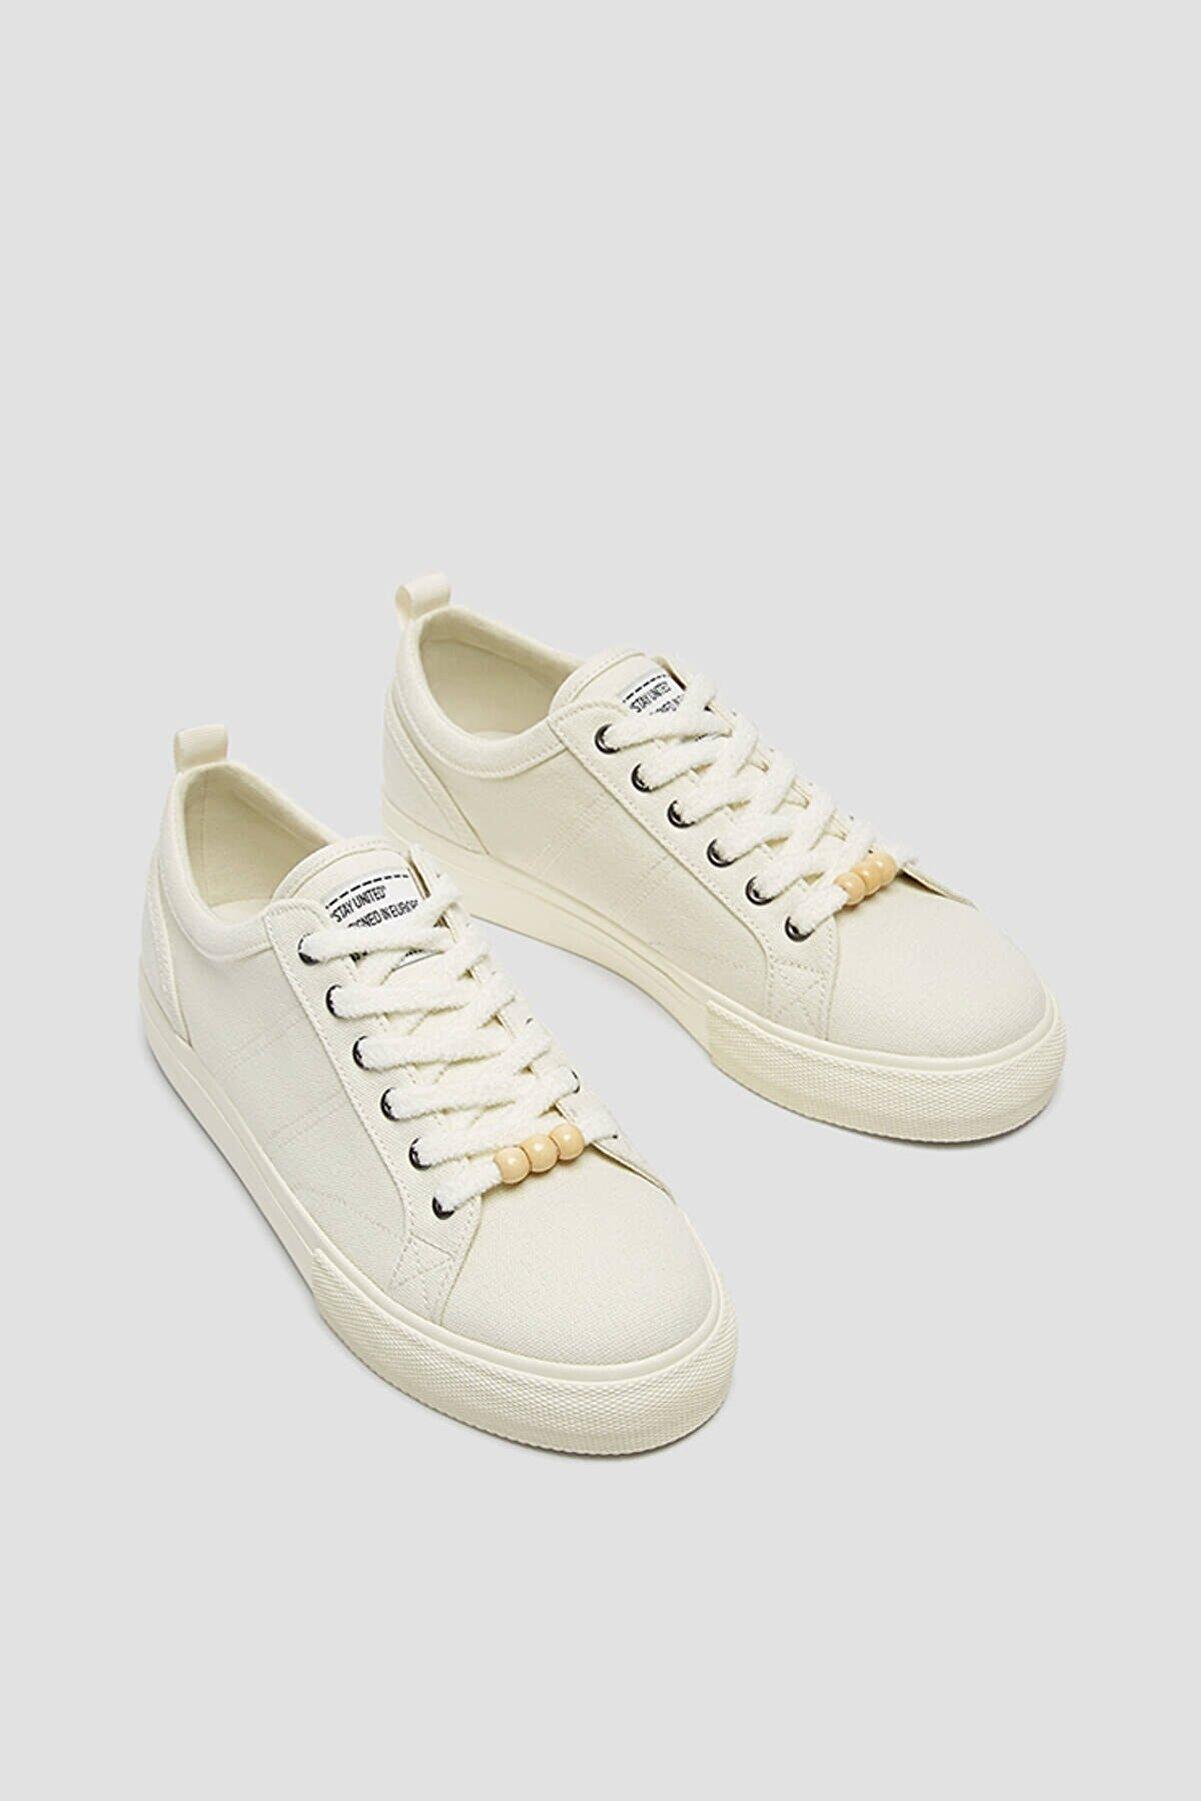 Pull & Bear Kadın Beyaz Boncuk Detaylı Casual Spor Ayakkabı 11237740